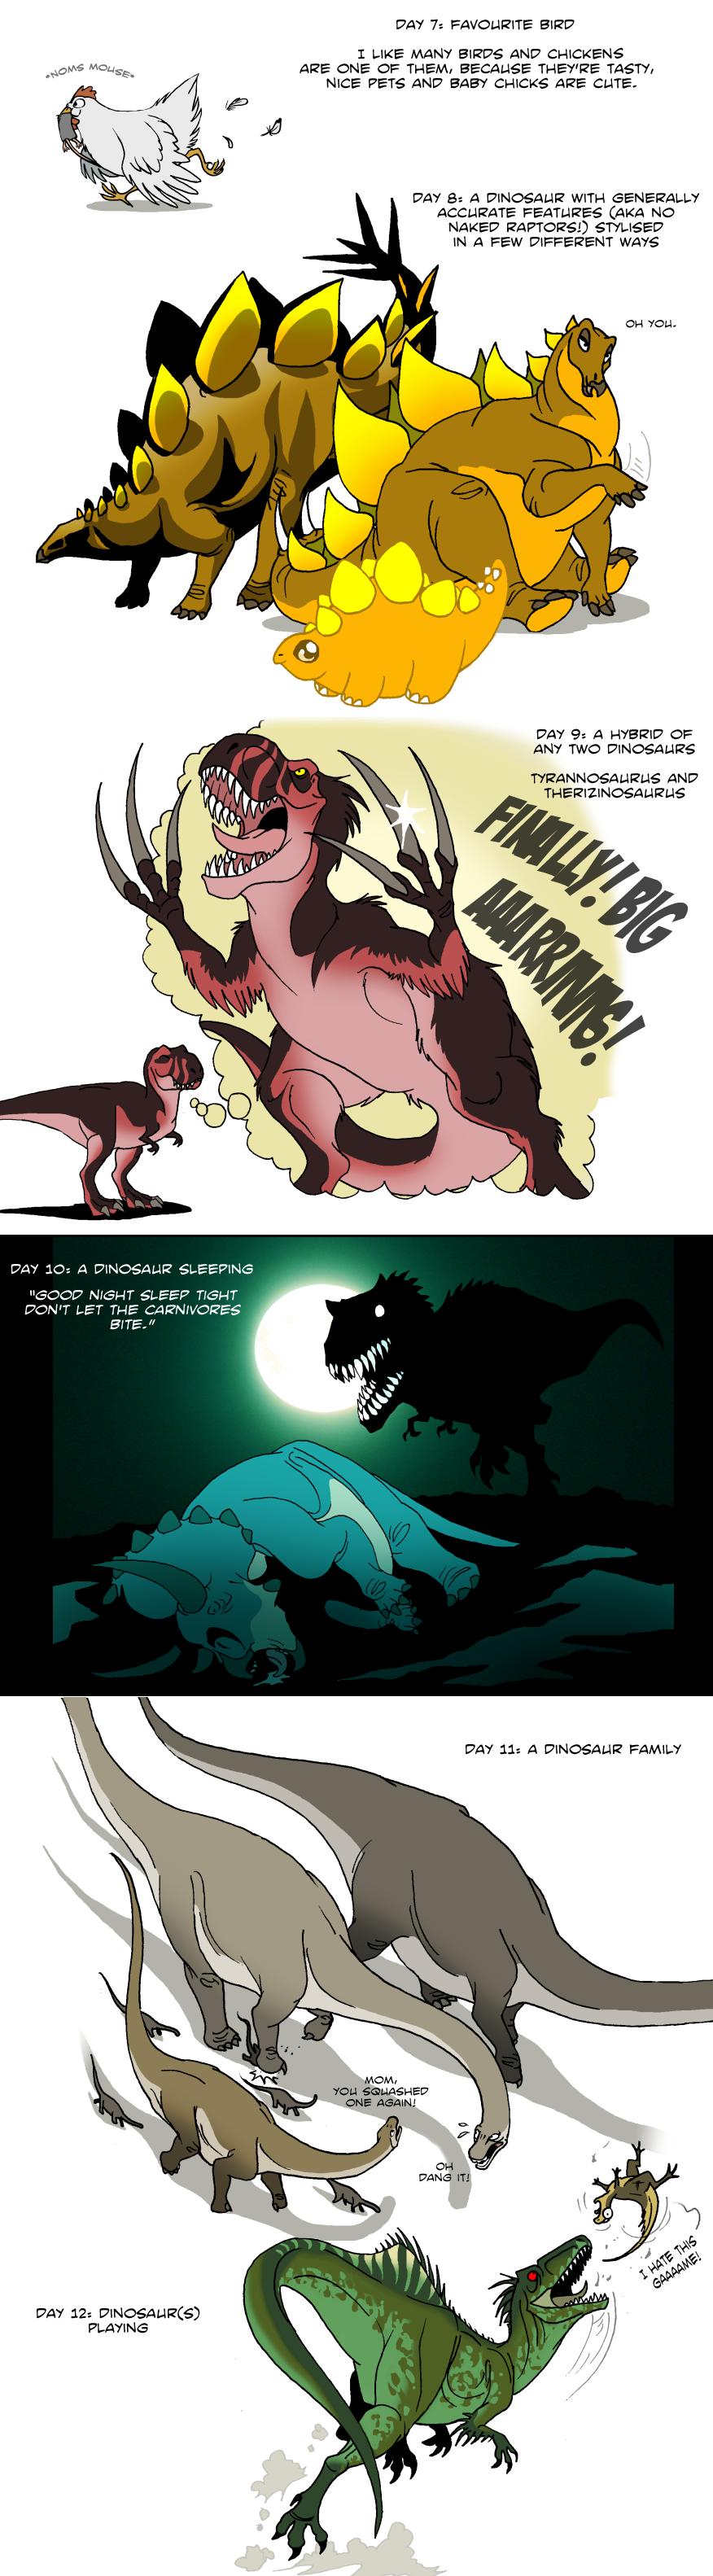 Dinosaur challenge 2